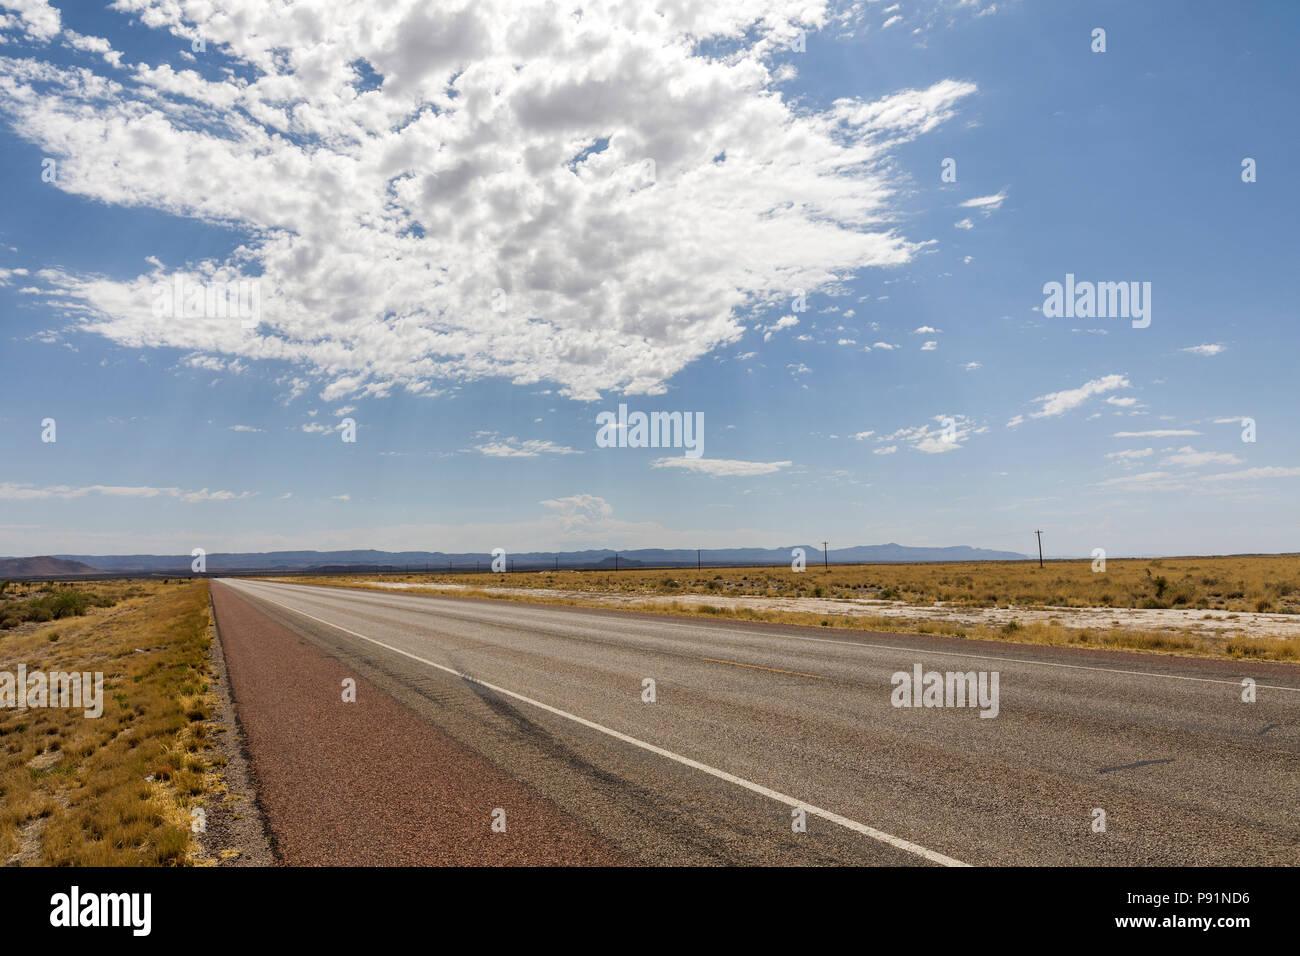 Abrir camino con nubes en el desierto, en Nuevo México, EE.UU. Foto de stock